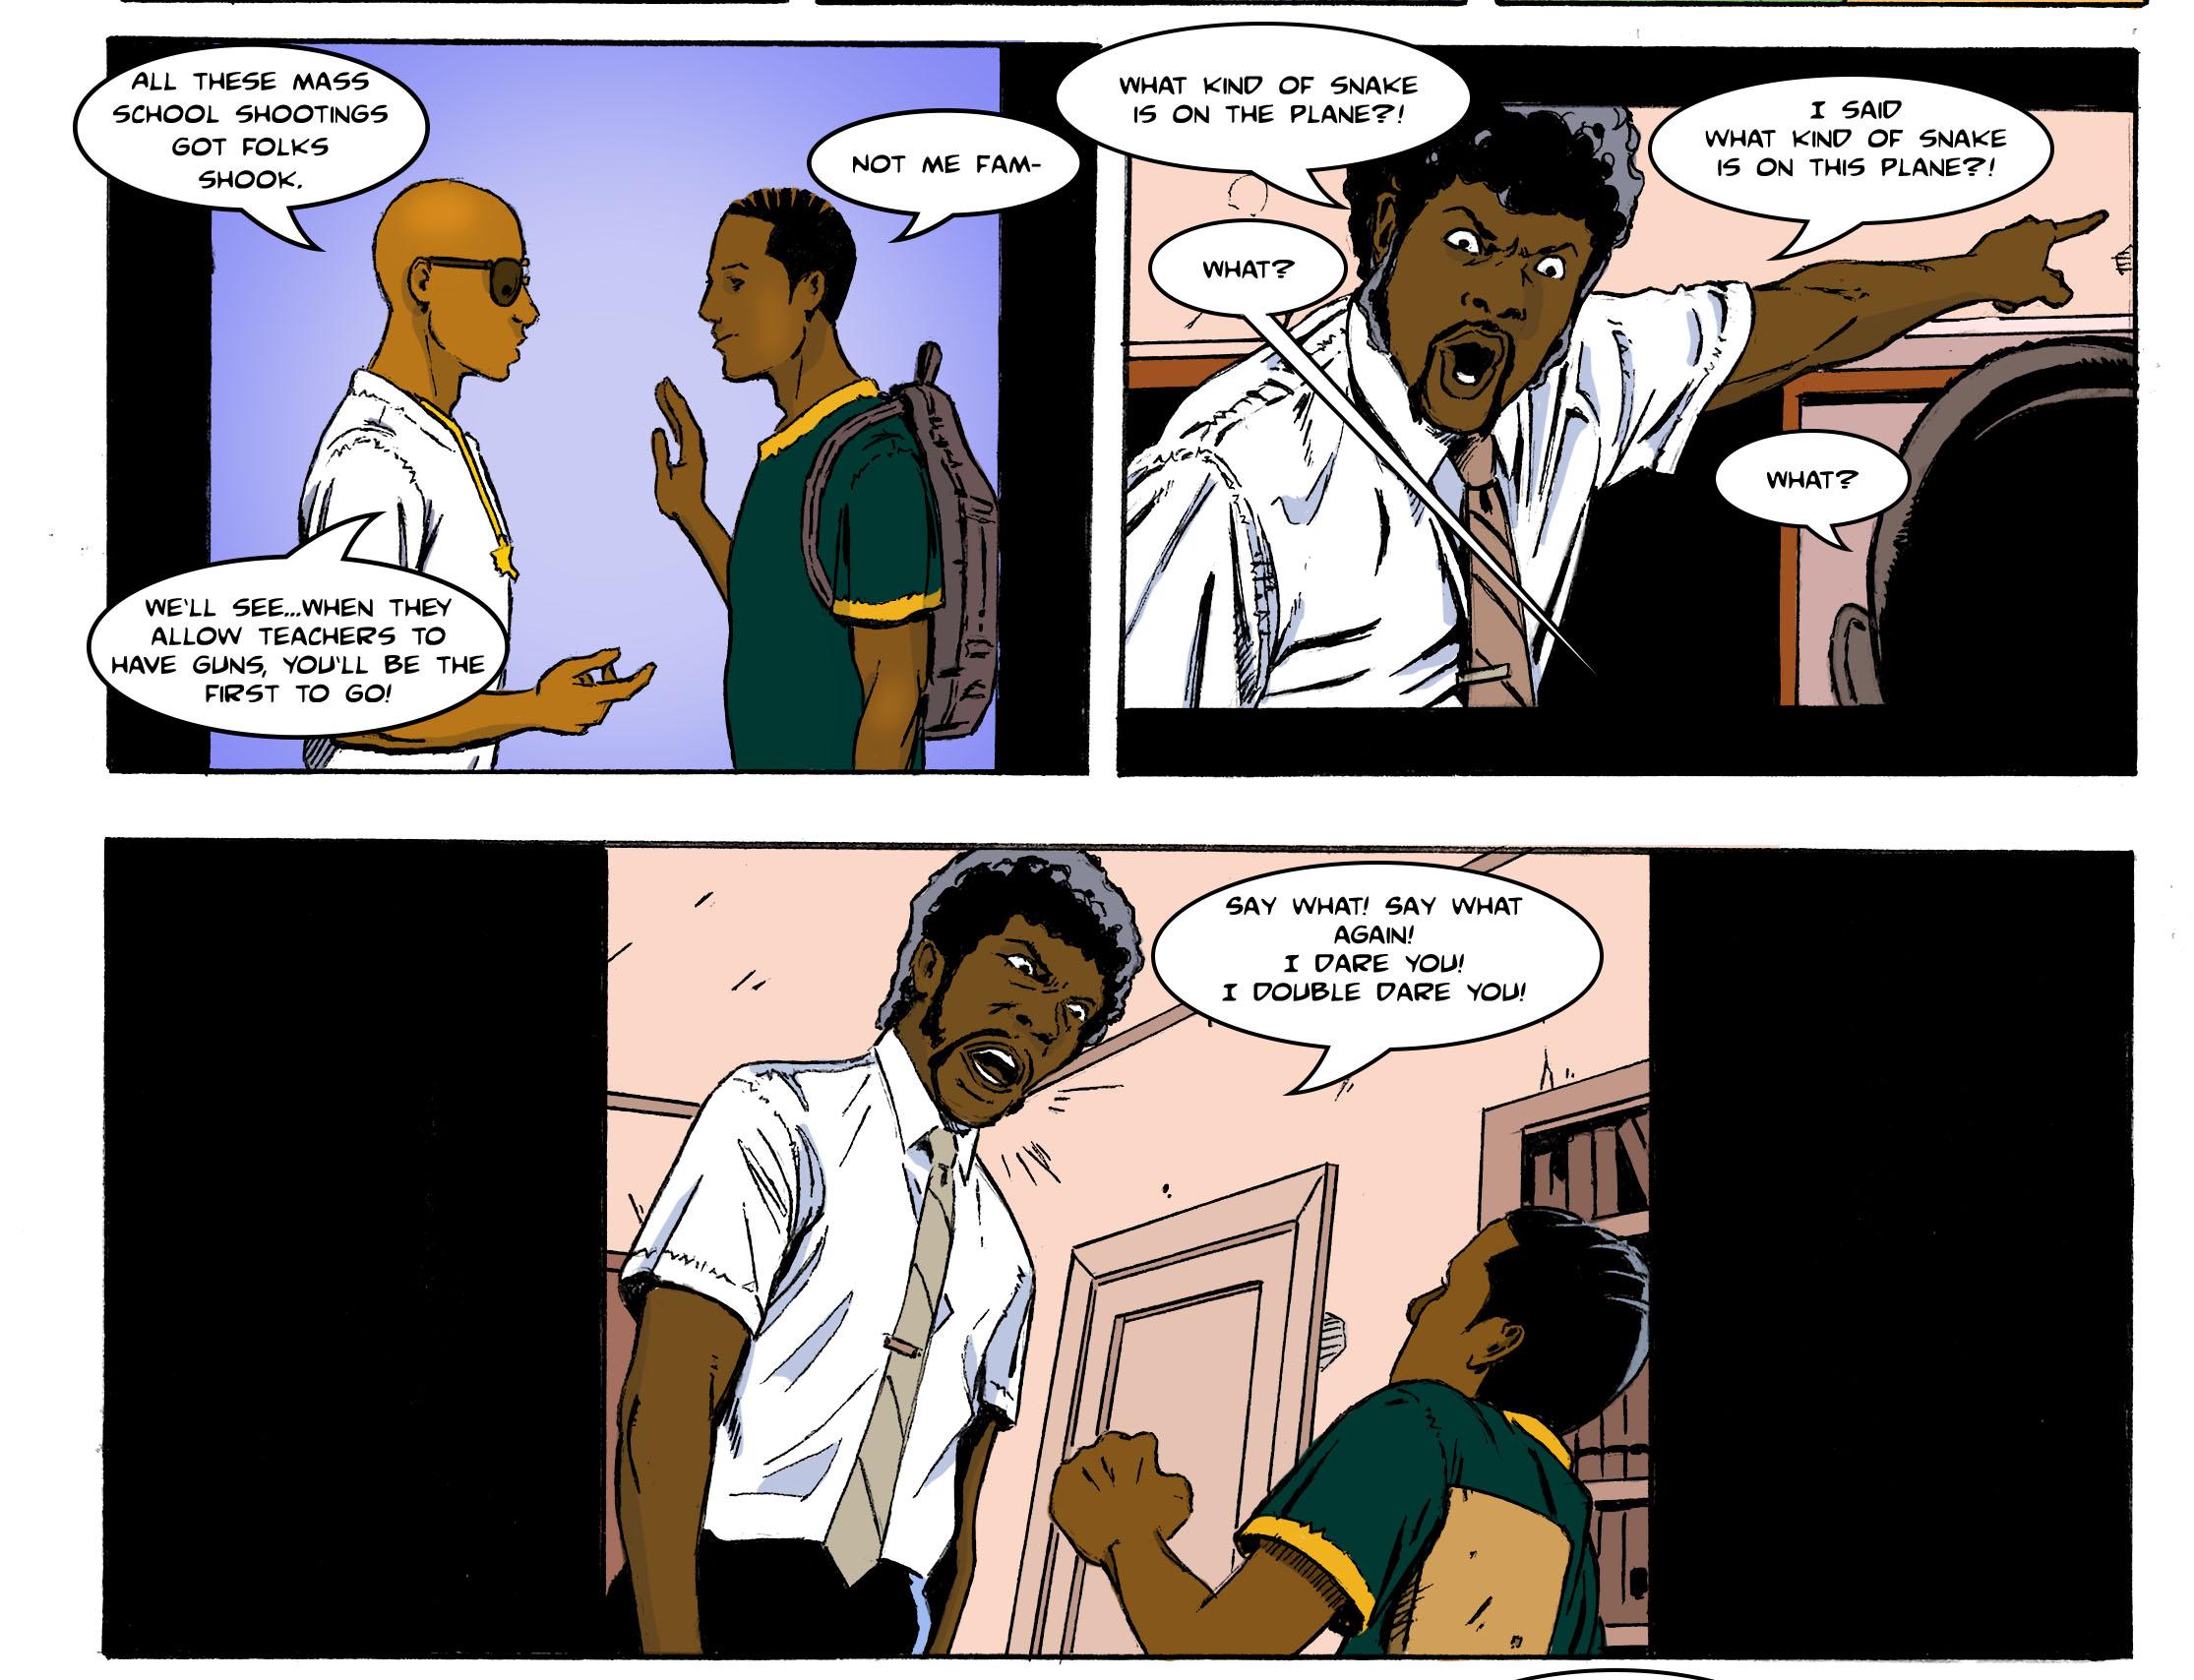 (H) Comic Strip #72-73.jpg